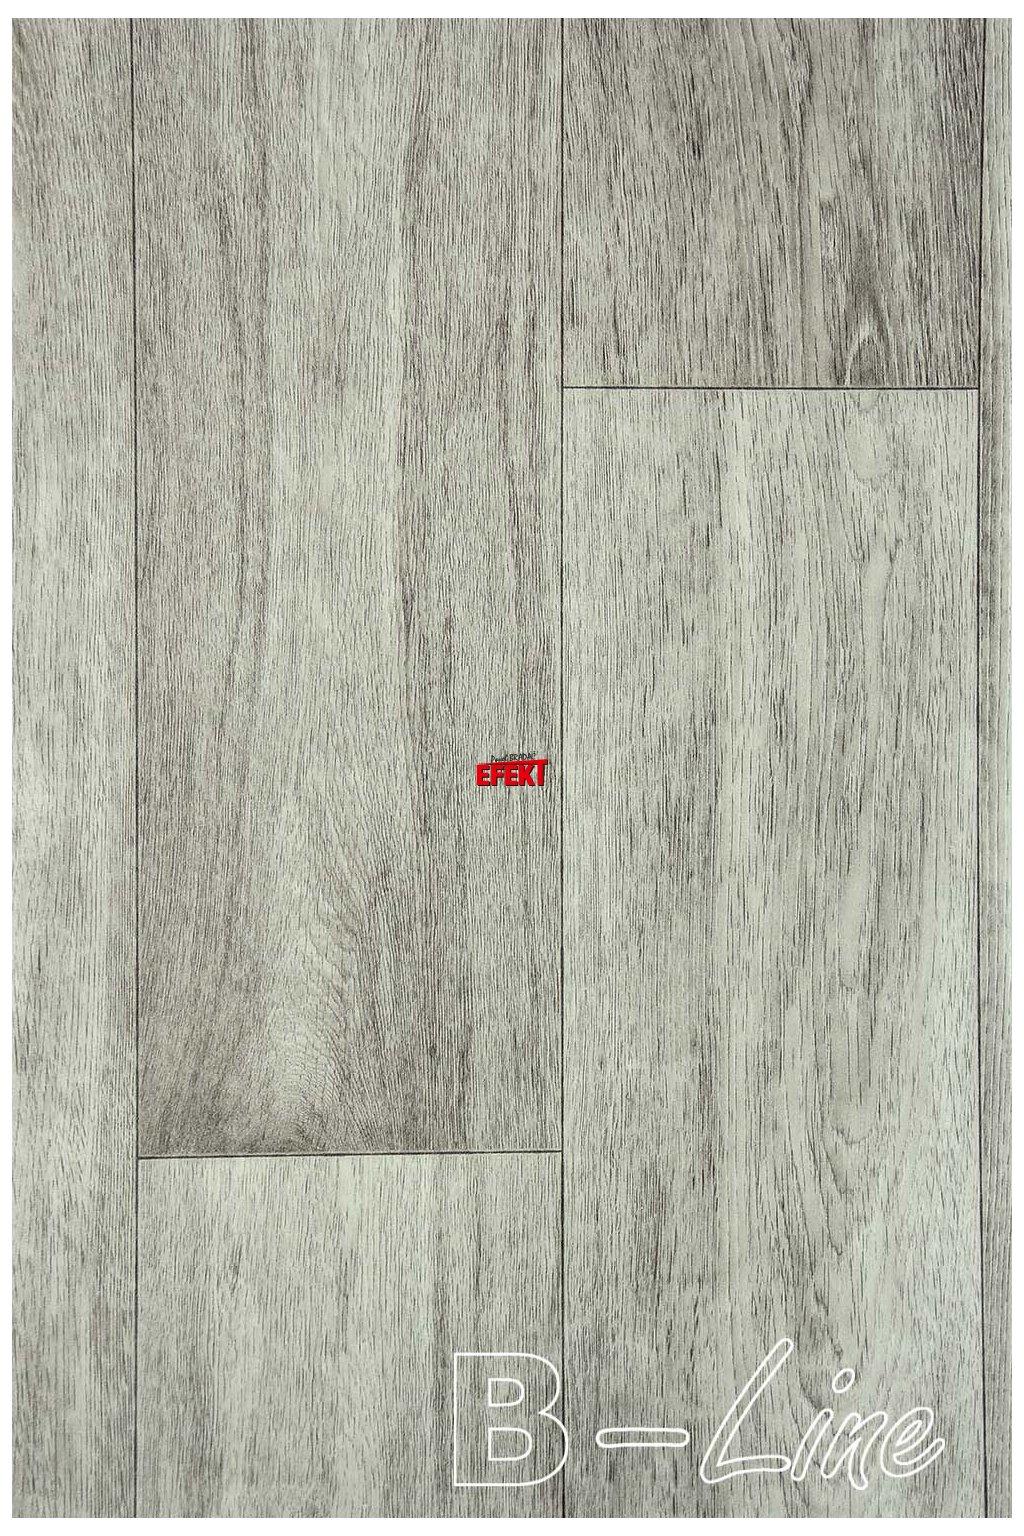 Xtreme-Pure Oak 904M